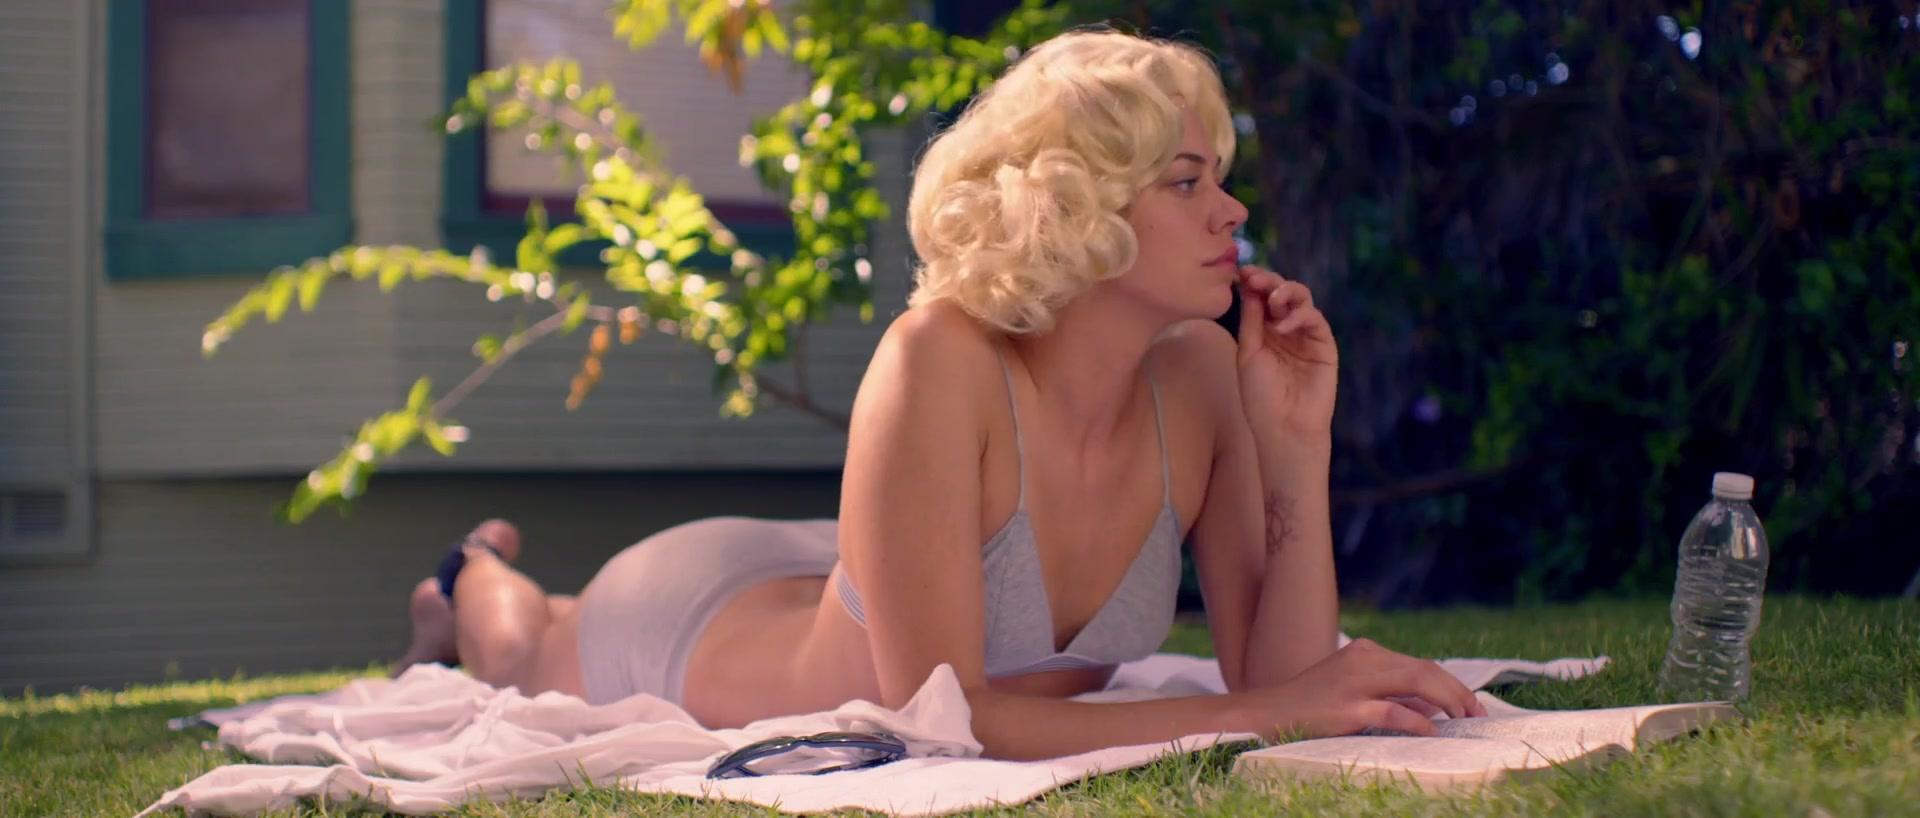 Analeigh Tipton Sex analeigh tipton nude - broken star (2018) video » best sexy